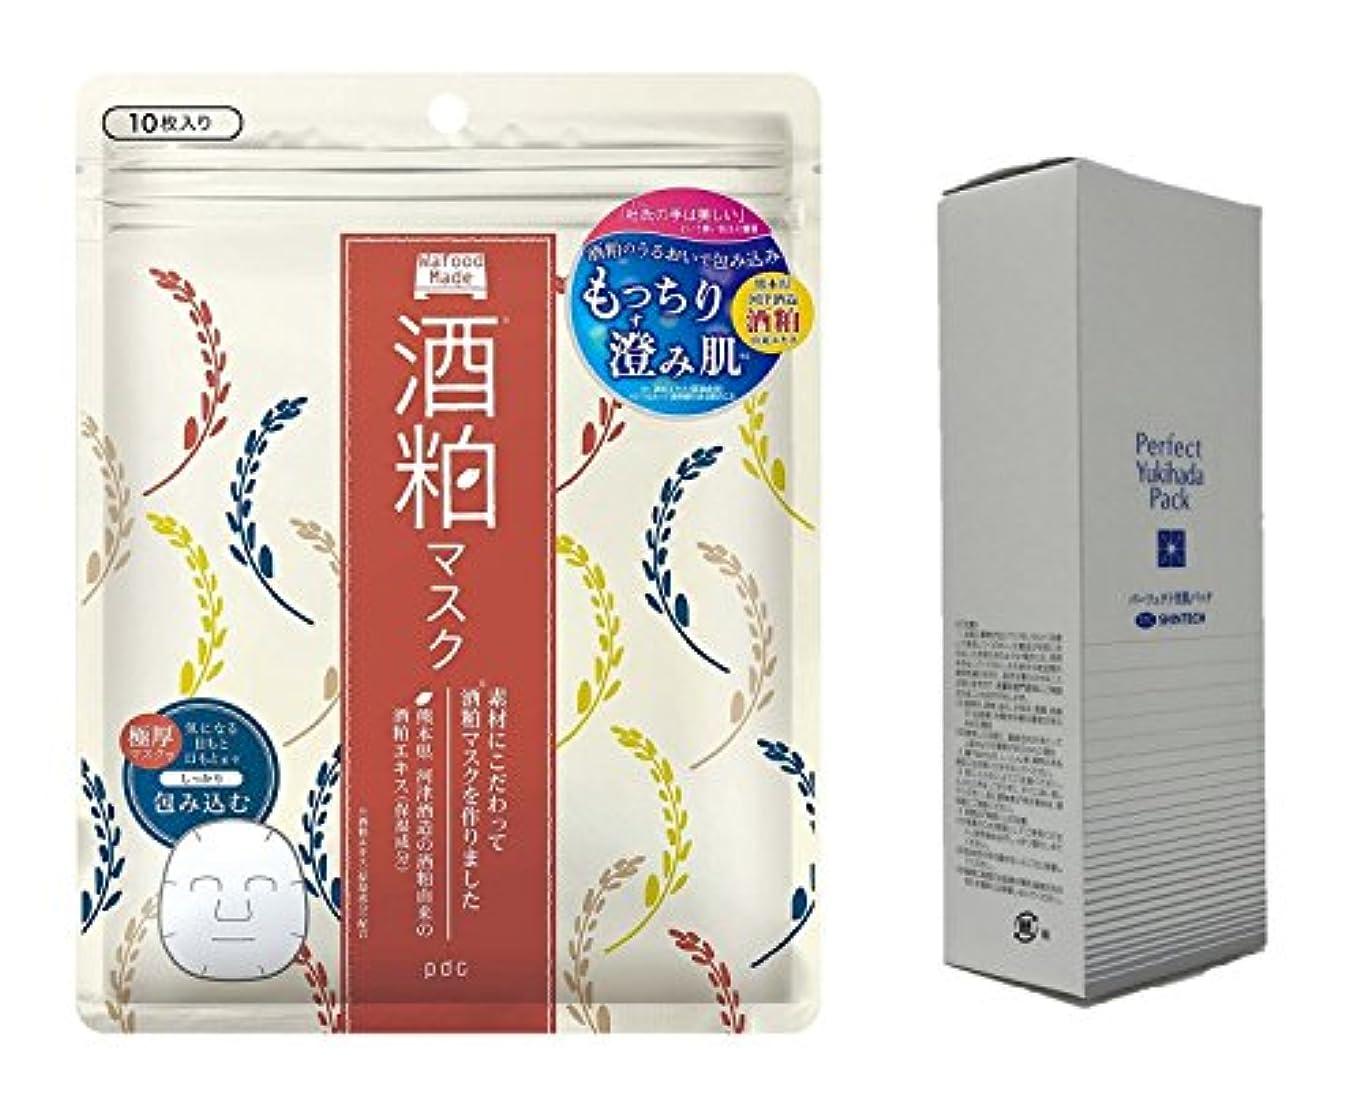 デンプシーオンプログレッシブワフードメイド酒粕マスク 10枚入りとパーフェクト雪肌フェイスパック 130g 日本製 美白、保湿、ニキビなどお肌へ SHINTECH